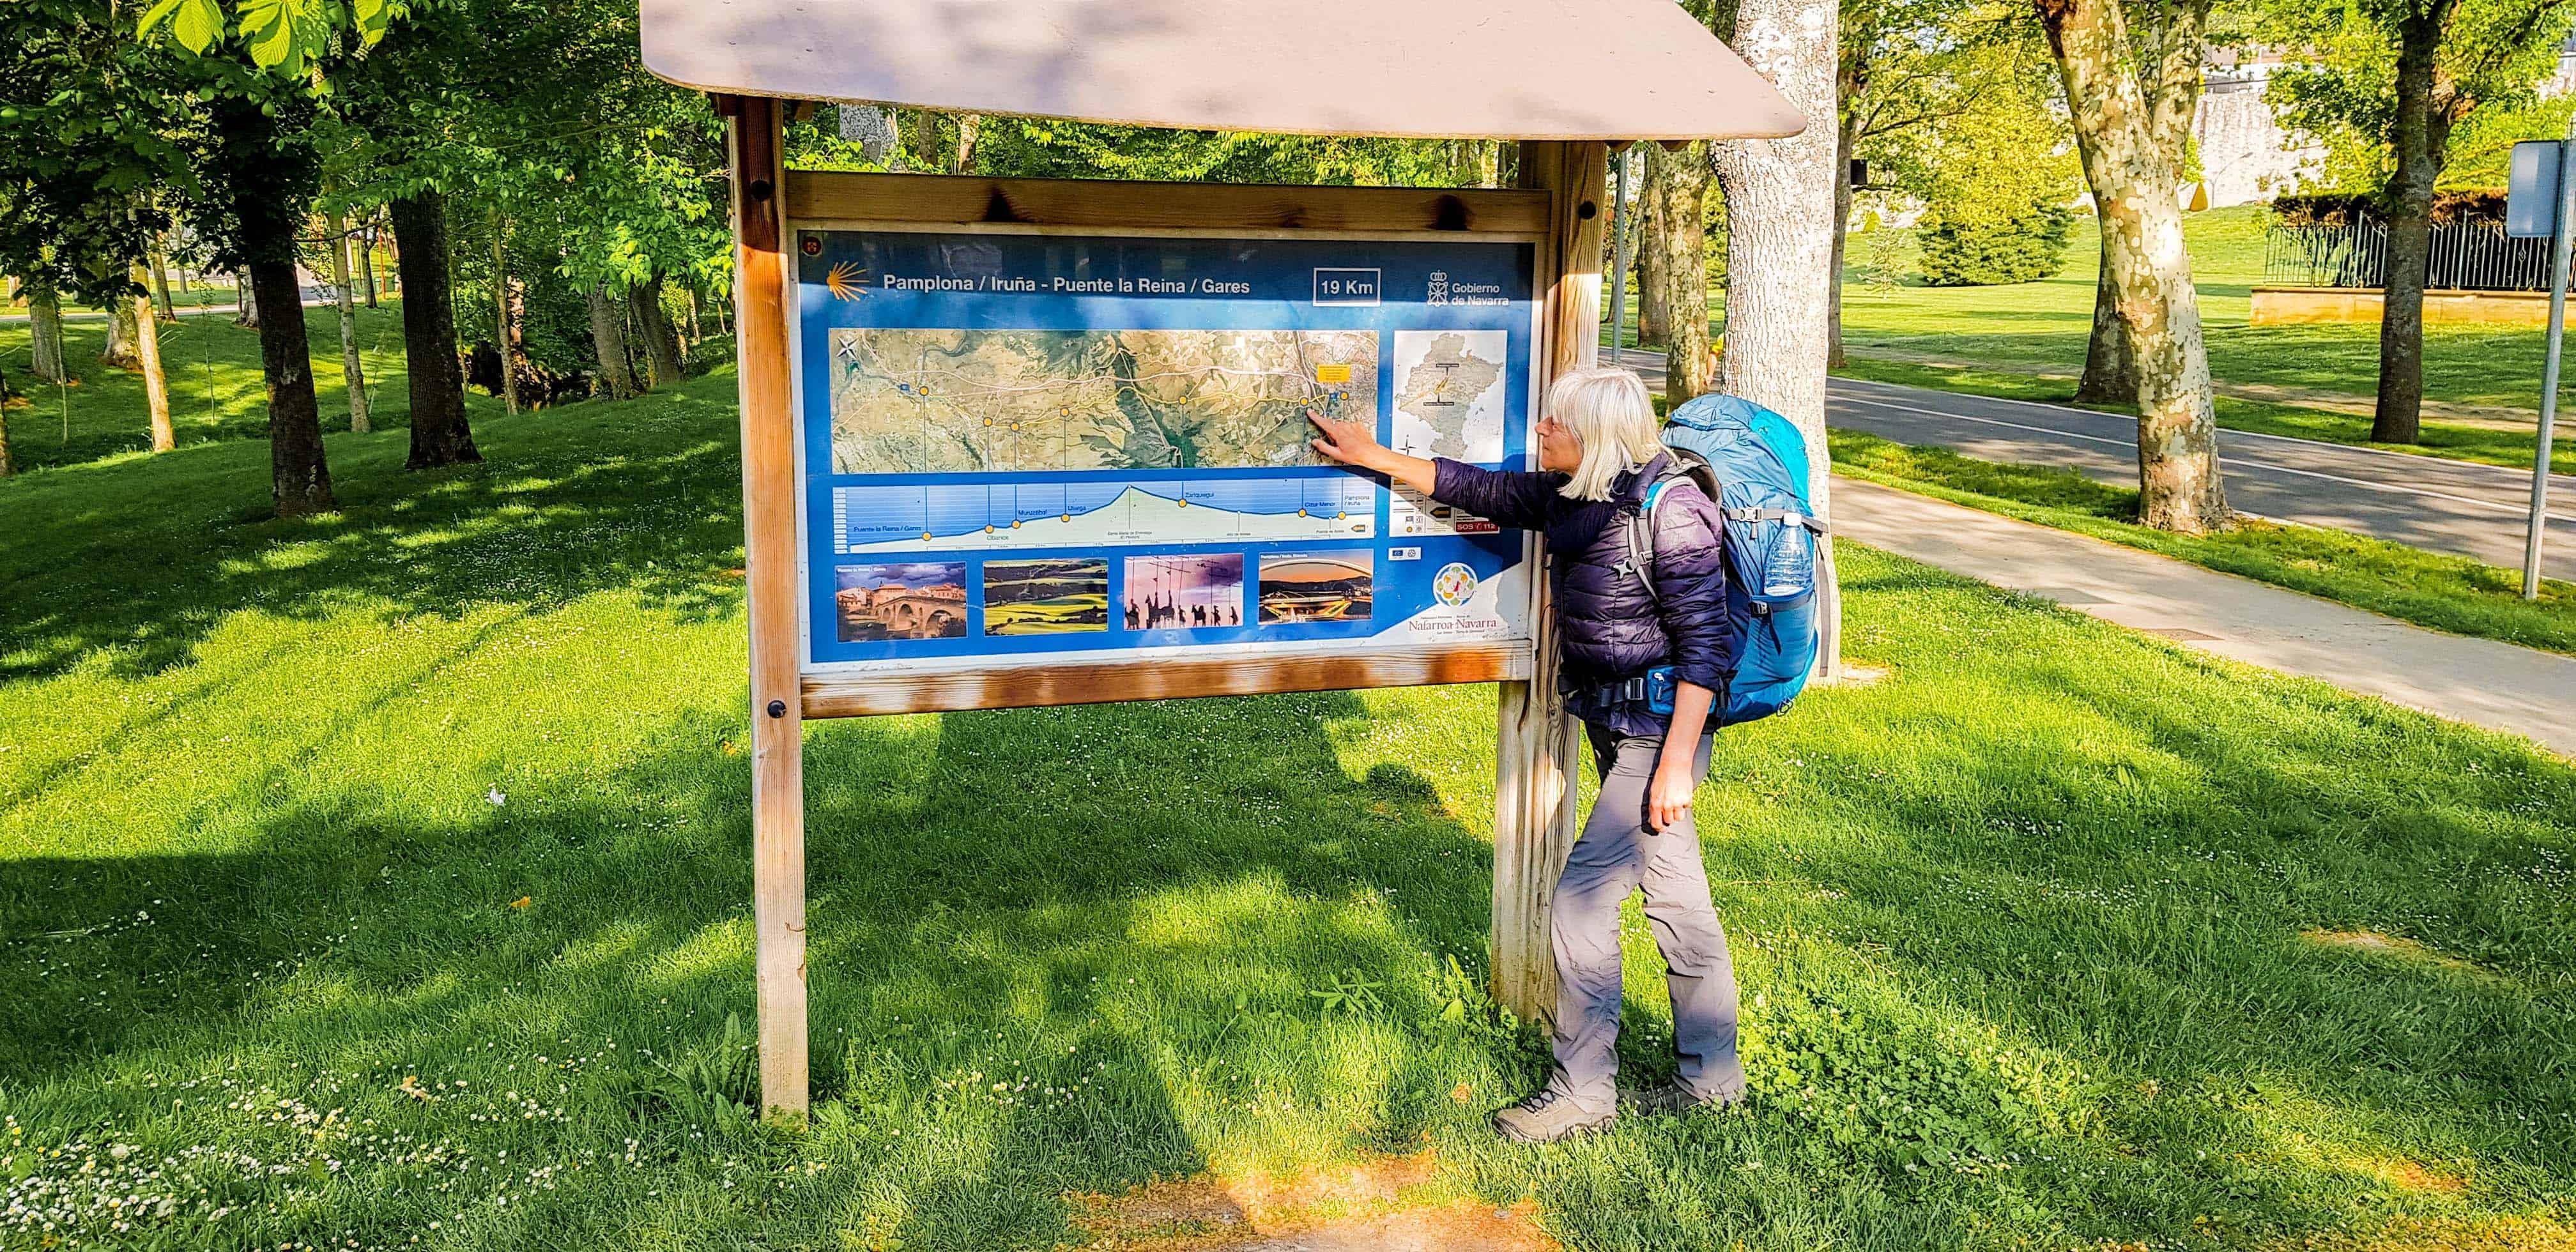 Pamplona naar Puenta la Reina - Camino Frances - Happy Hikers